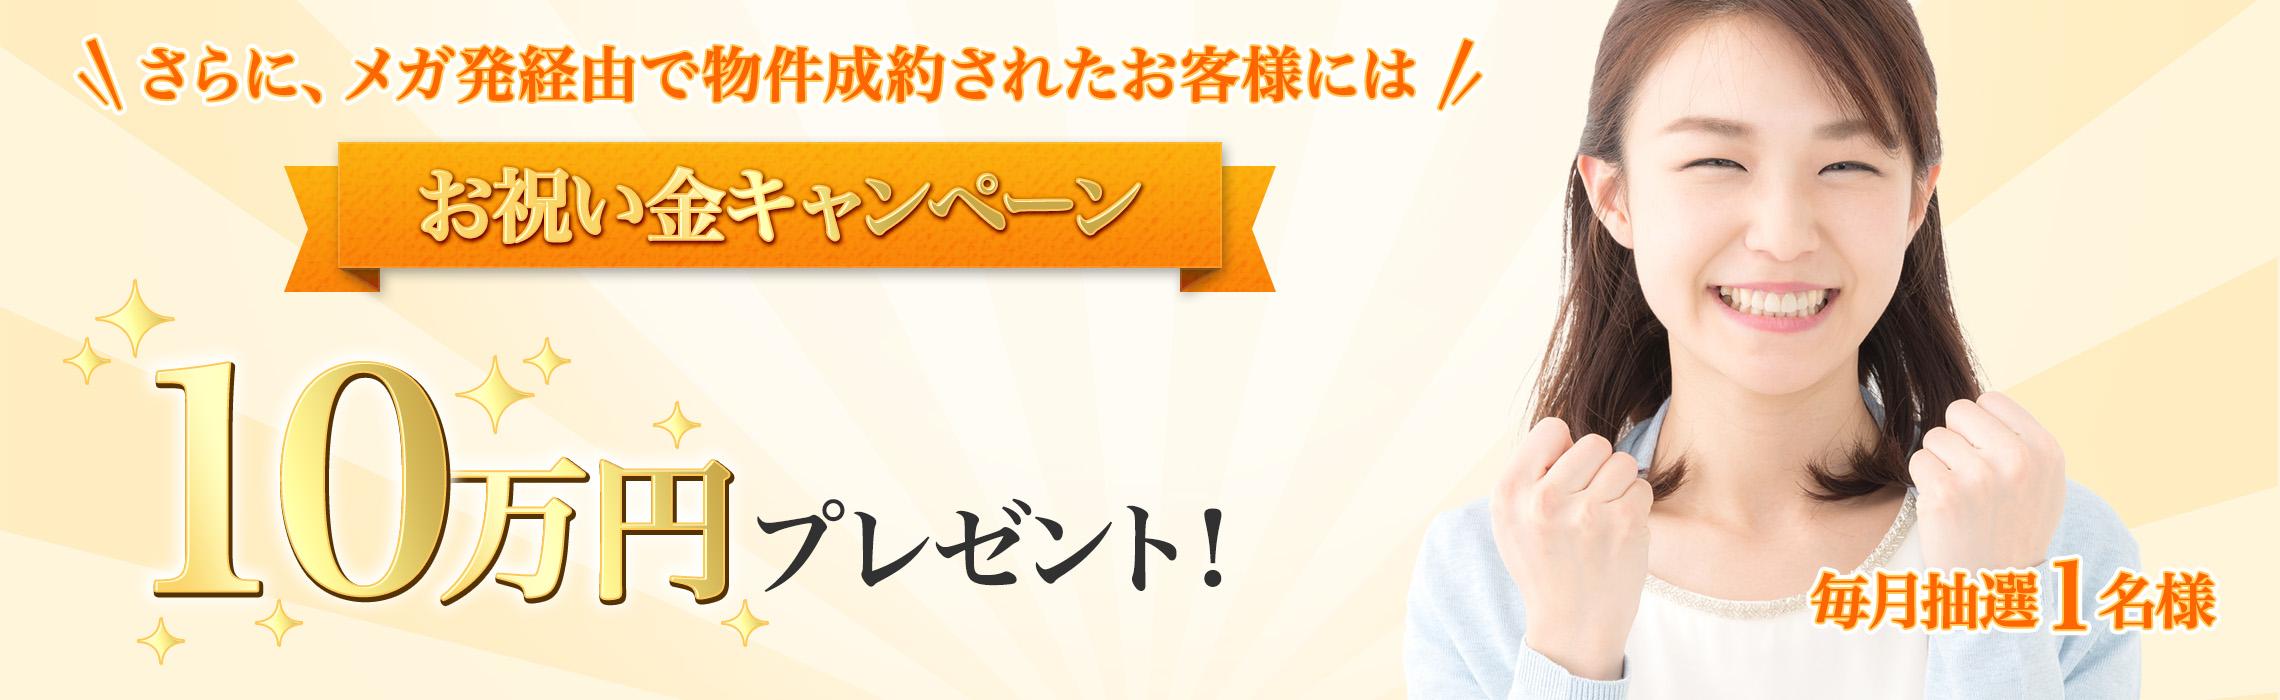 15万円プレゼント